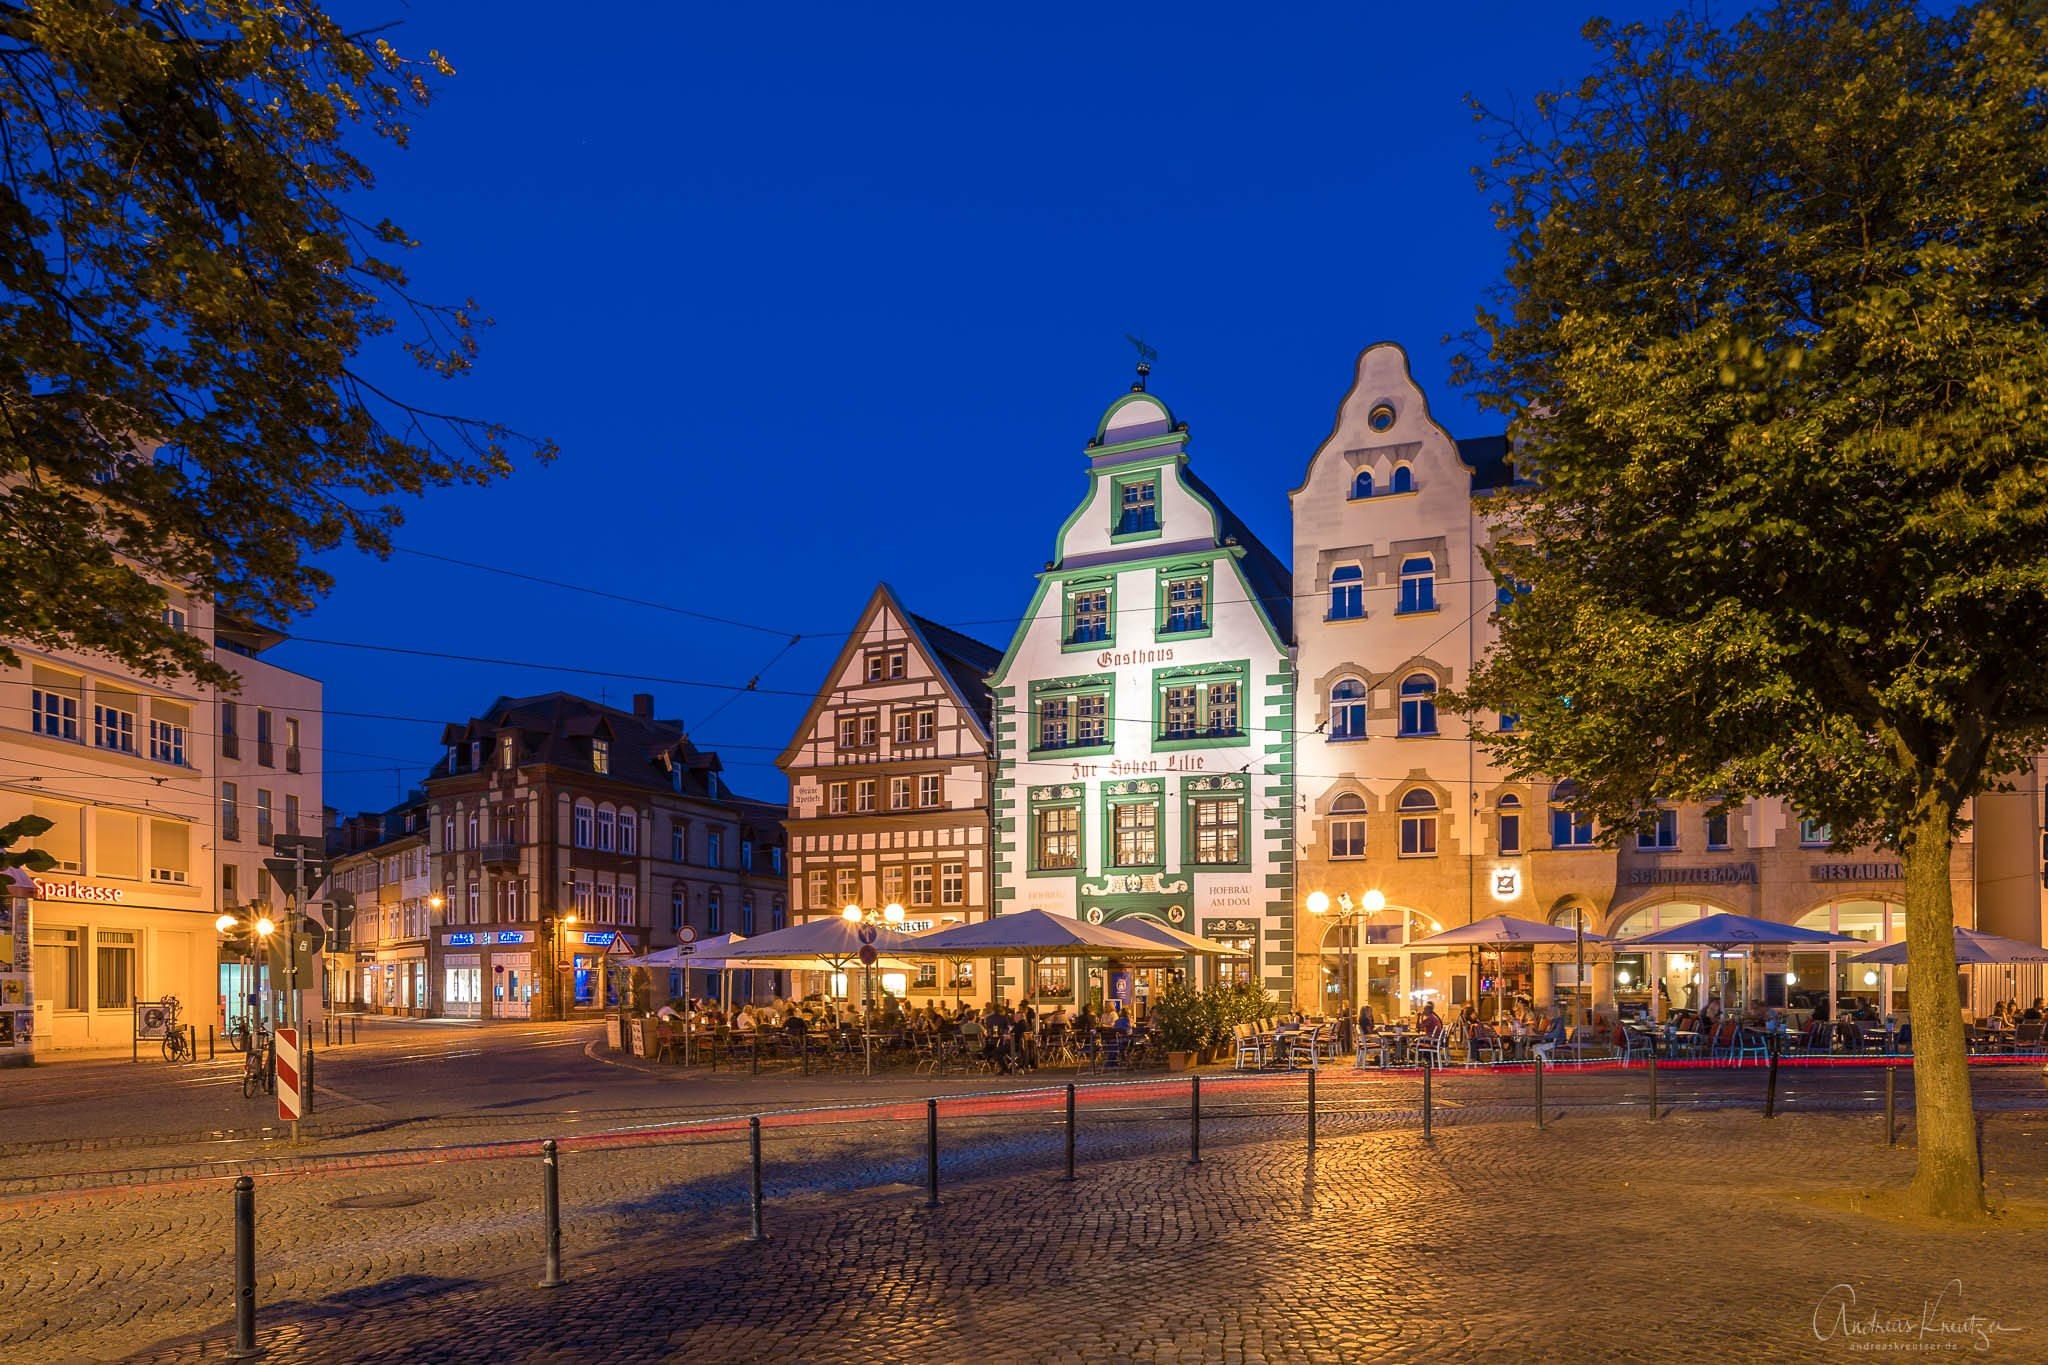 Am Domplatz in Erfurt